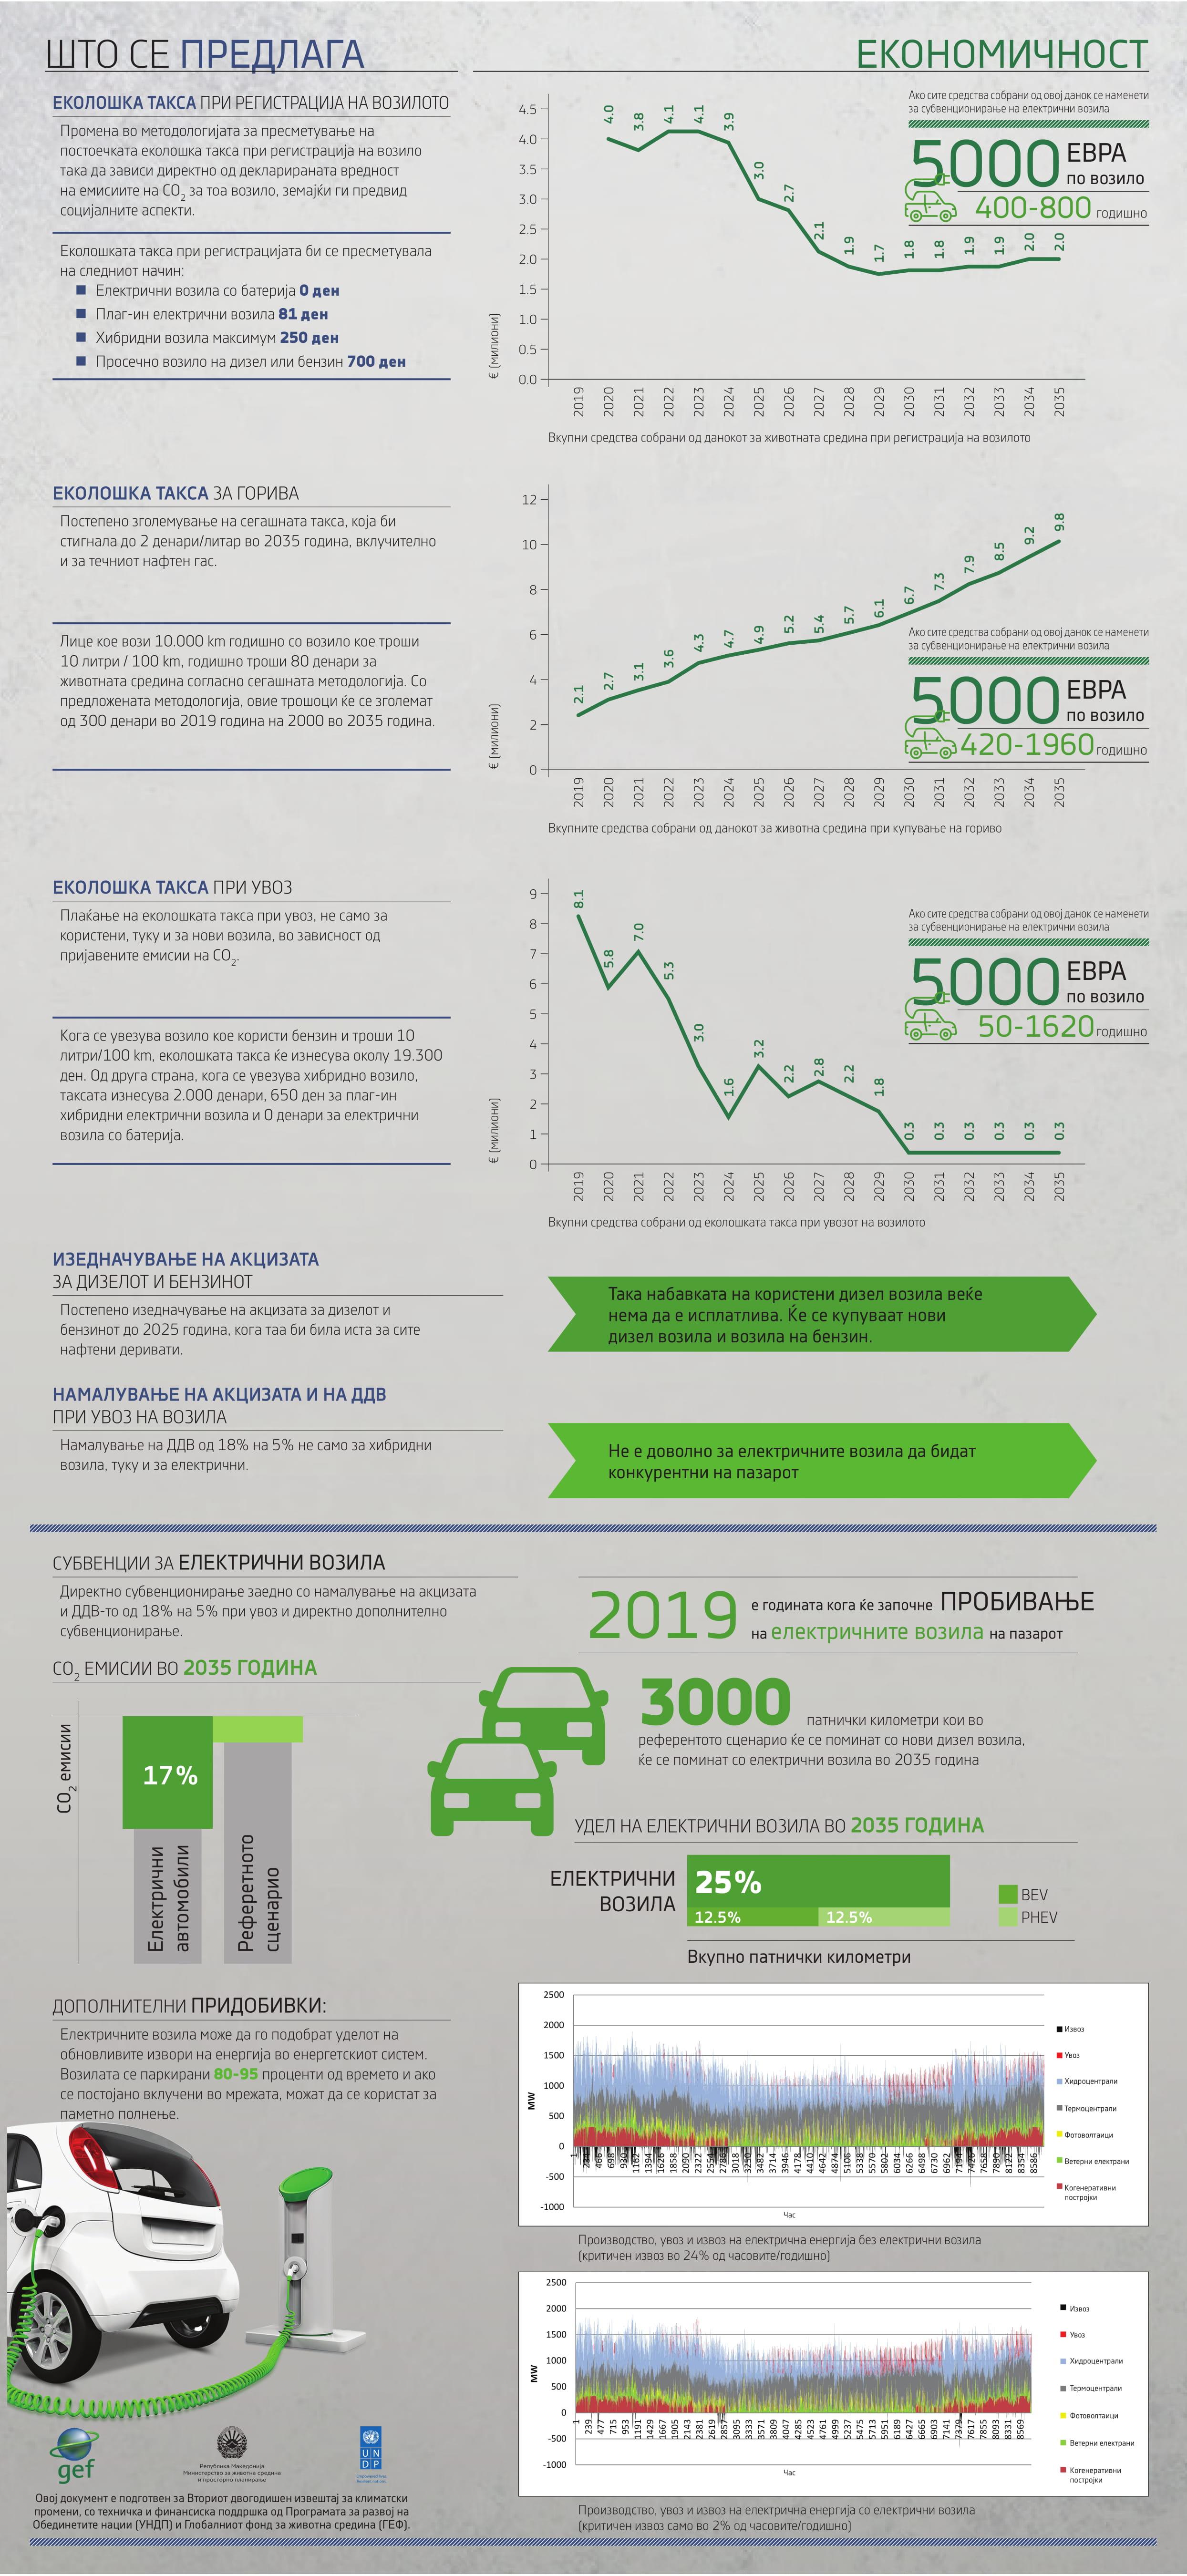 Инфографик - Студија за секторот транспорт, анализа на политики и мерки 2